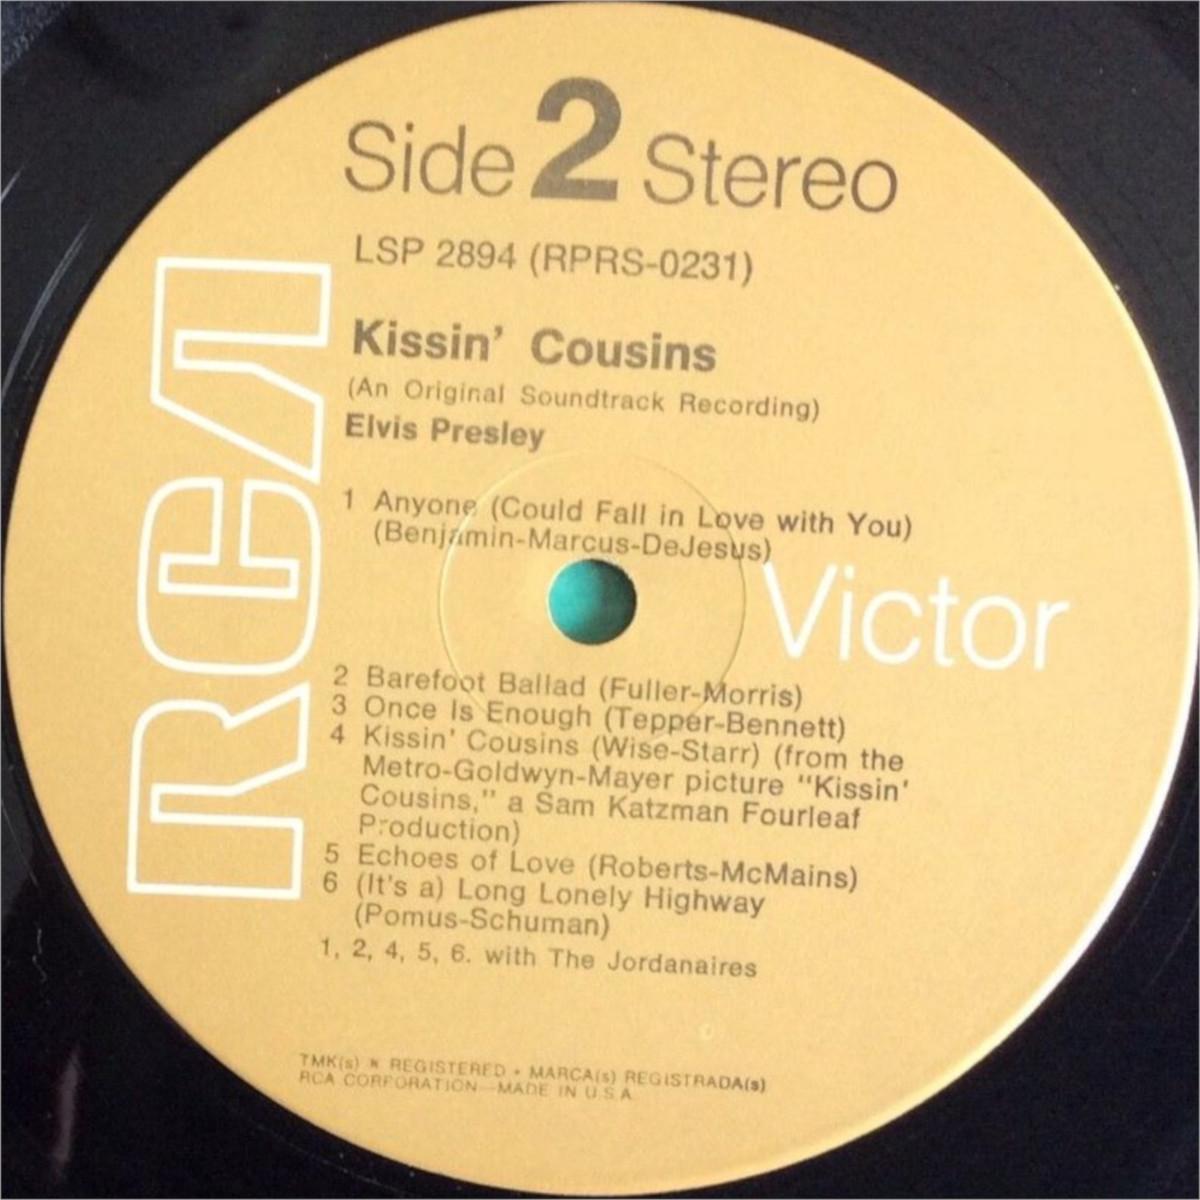 KISSIN' COUSINS Lsp-2894-tan-76-62ykzt